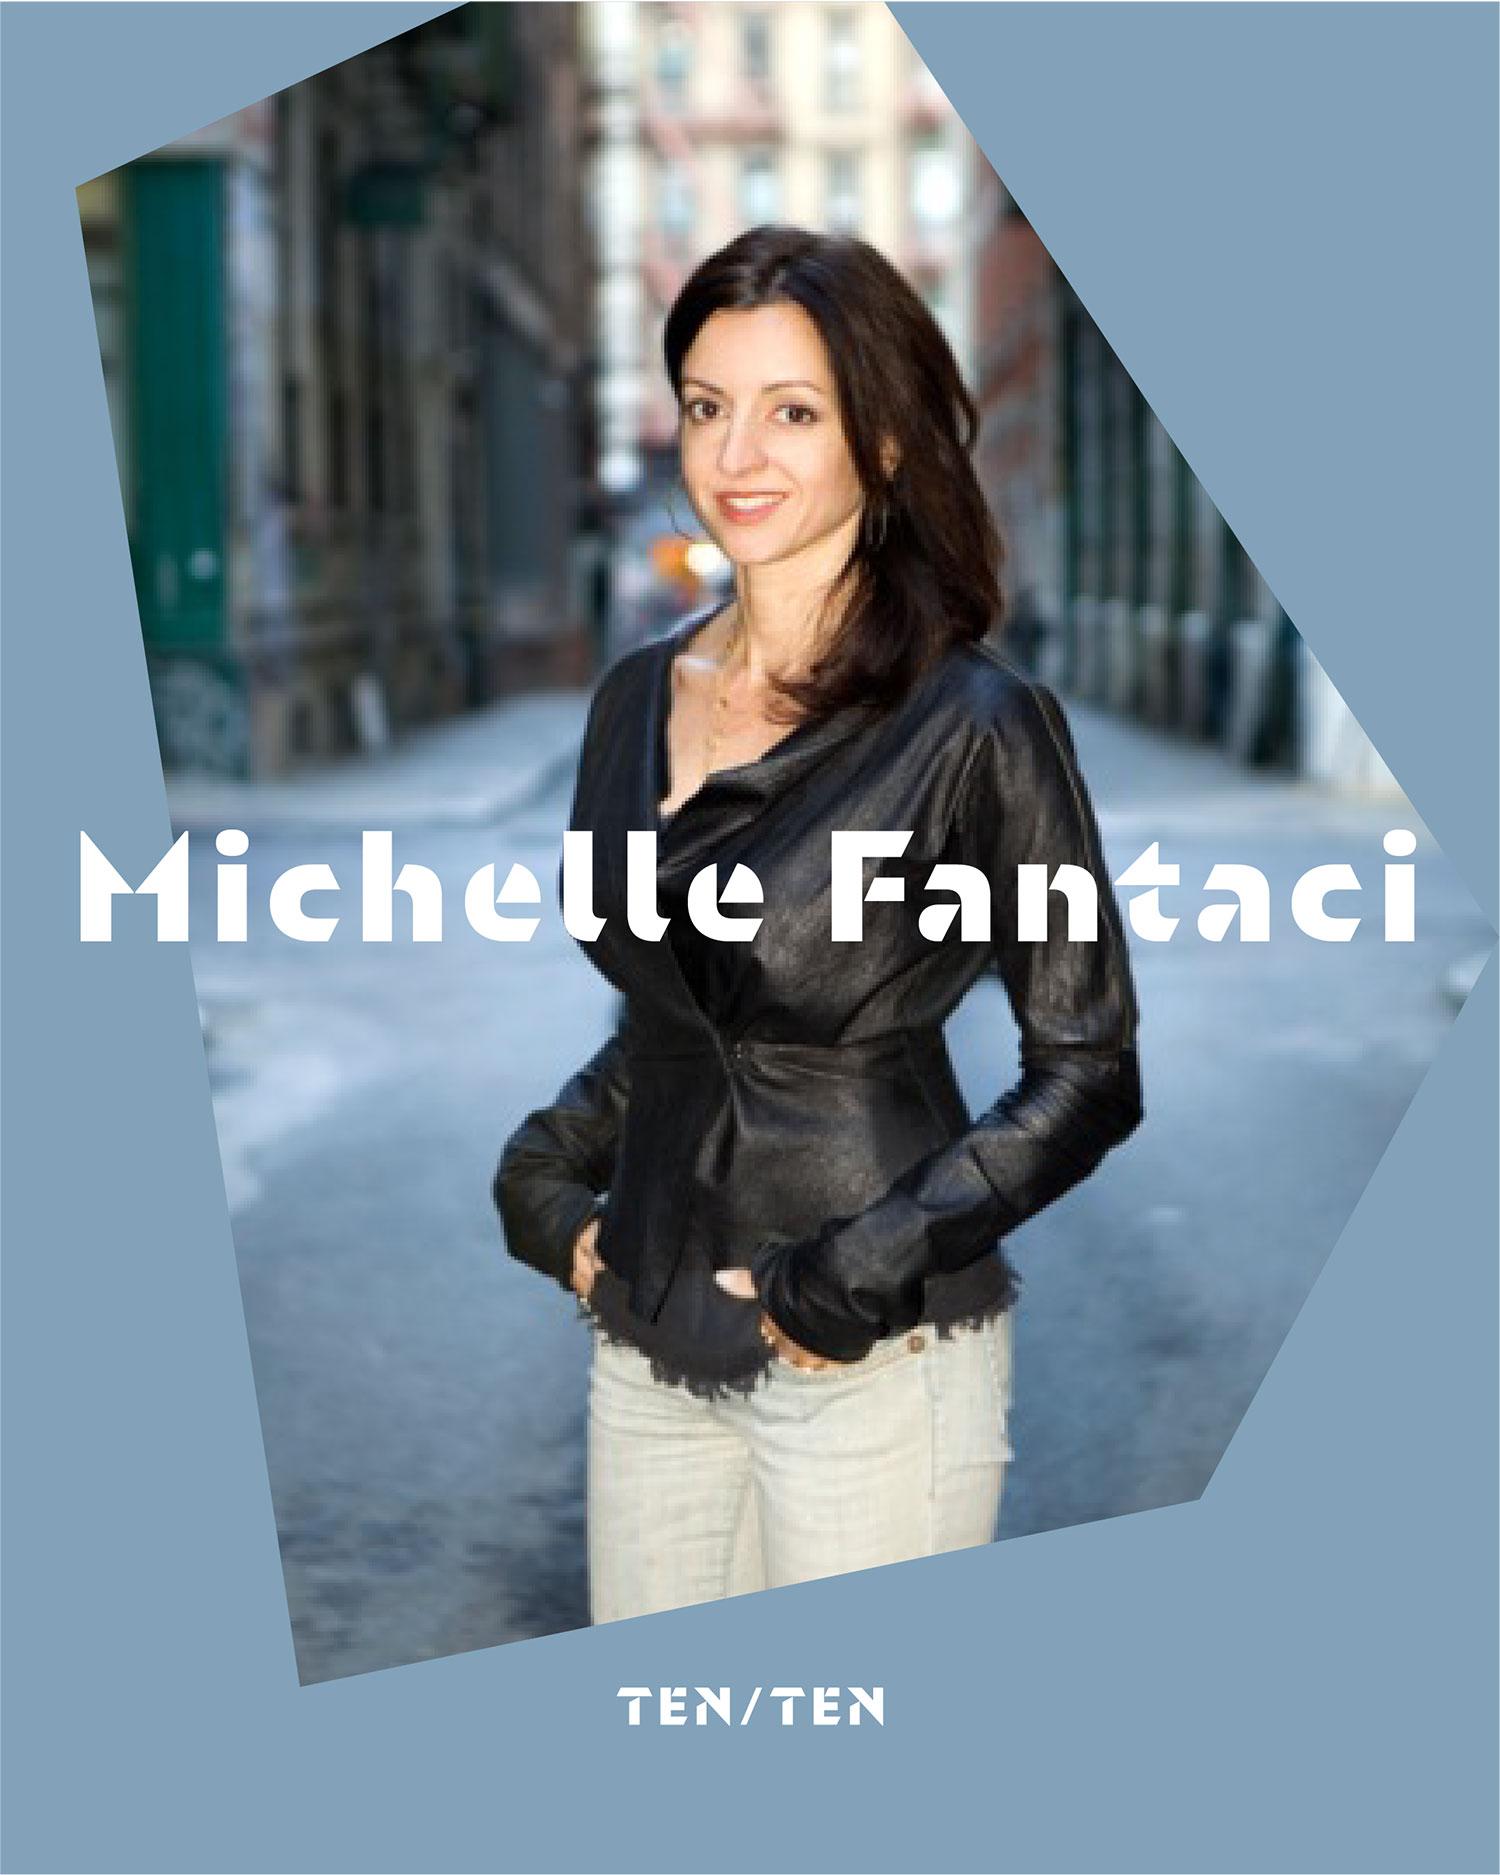 Michelle Fantaci TenTen Social Graphic Portraits